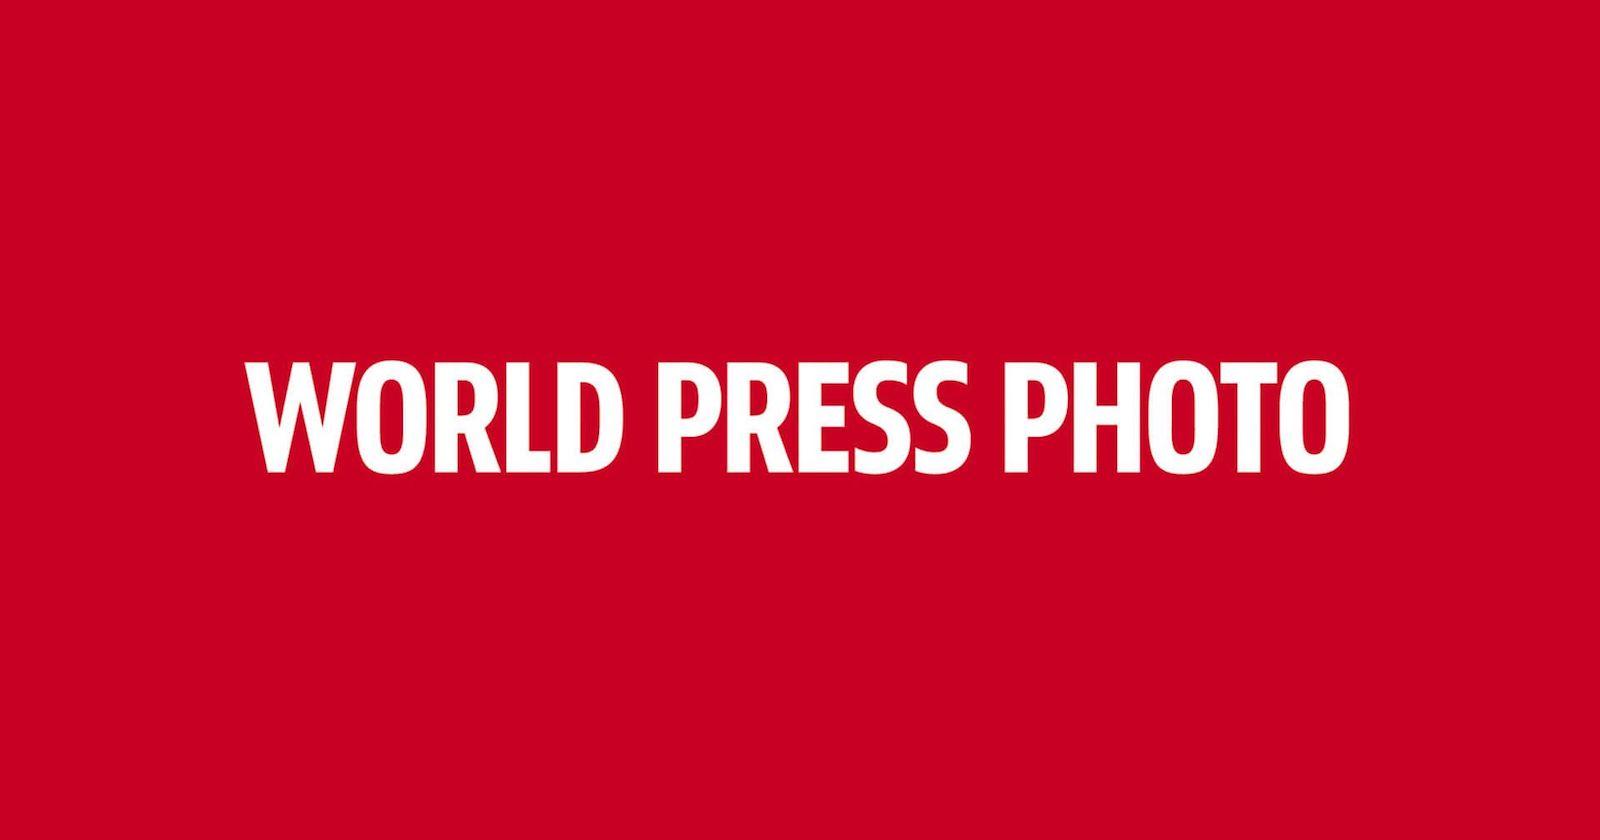 Visita Comentada Al Wold Press Photo 2020